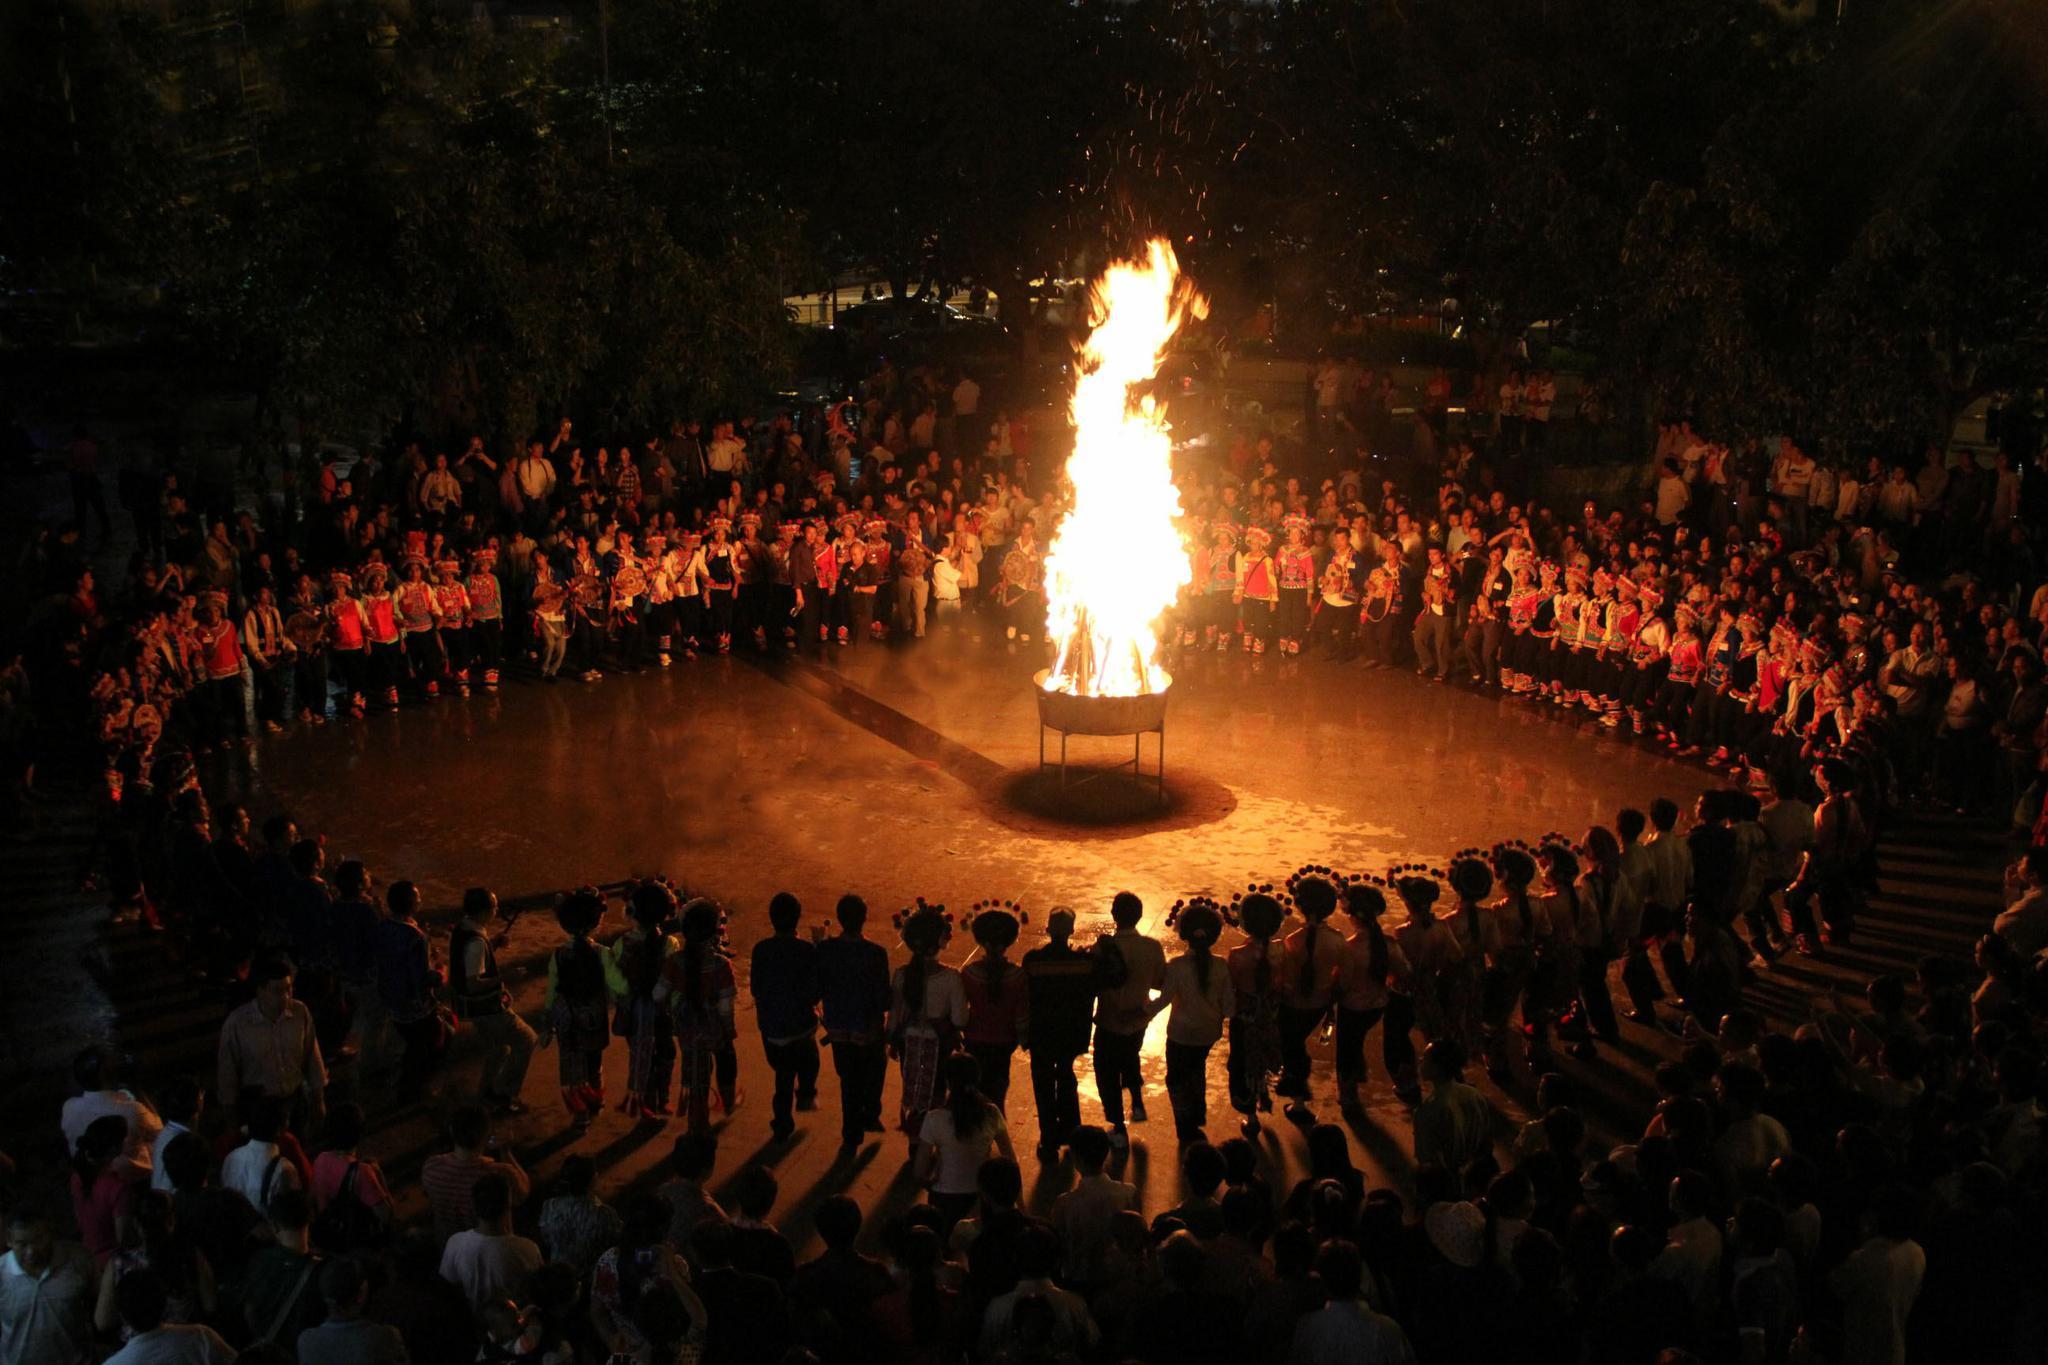 彝族的火把节_彝族火把节正逢大暑 有火便有了祝福|彝族_新浪新闻